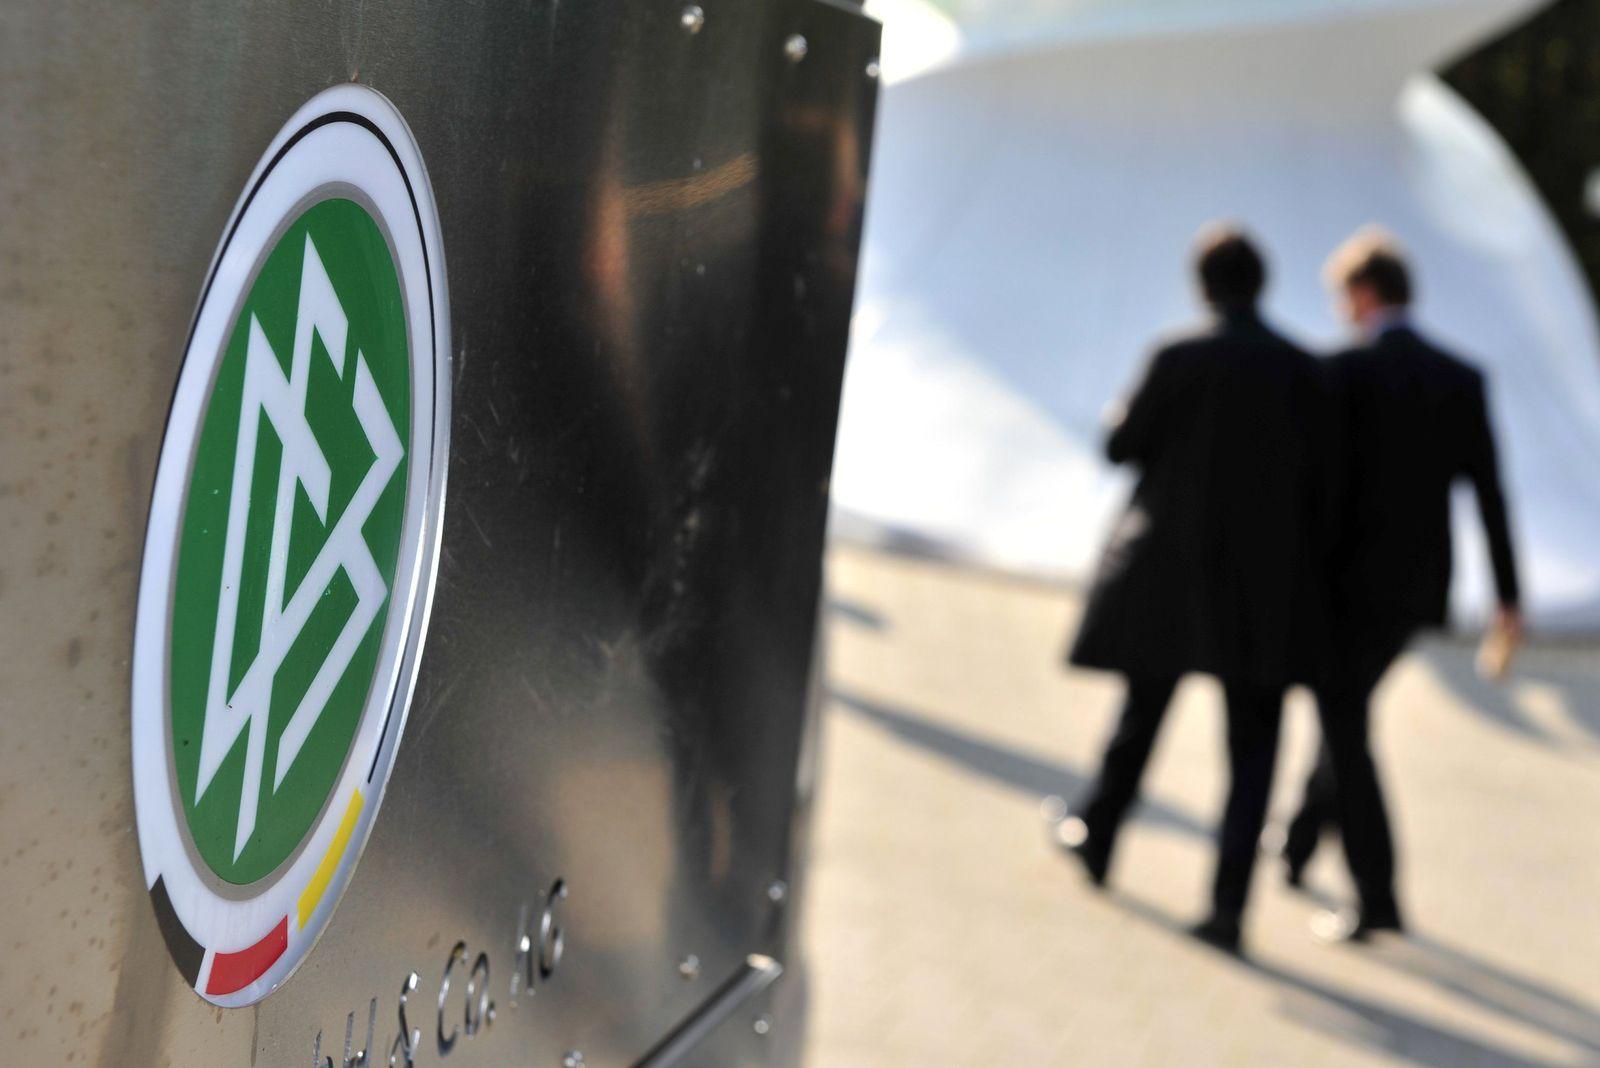 Steuerfahnder durchsuchen DFB-Zentrale